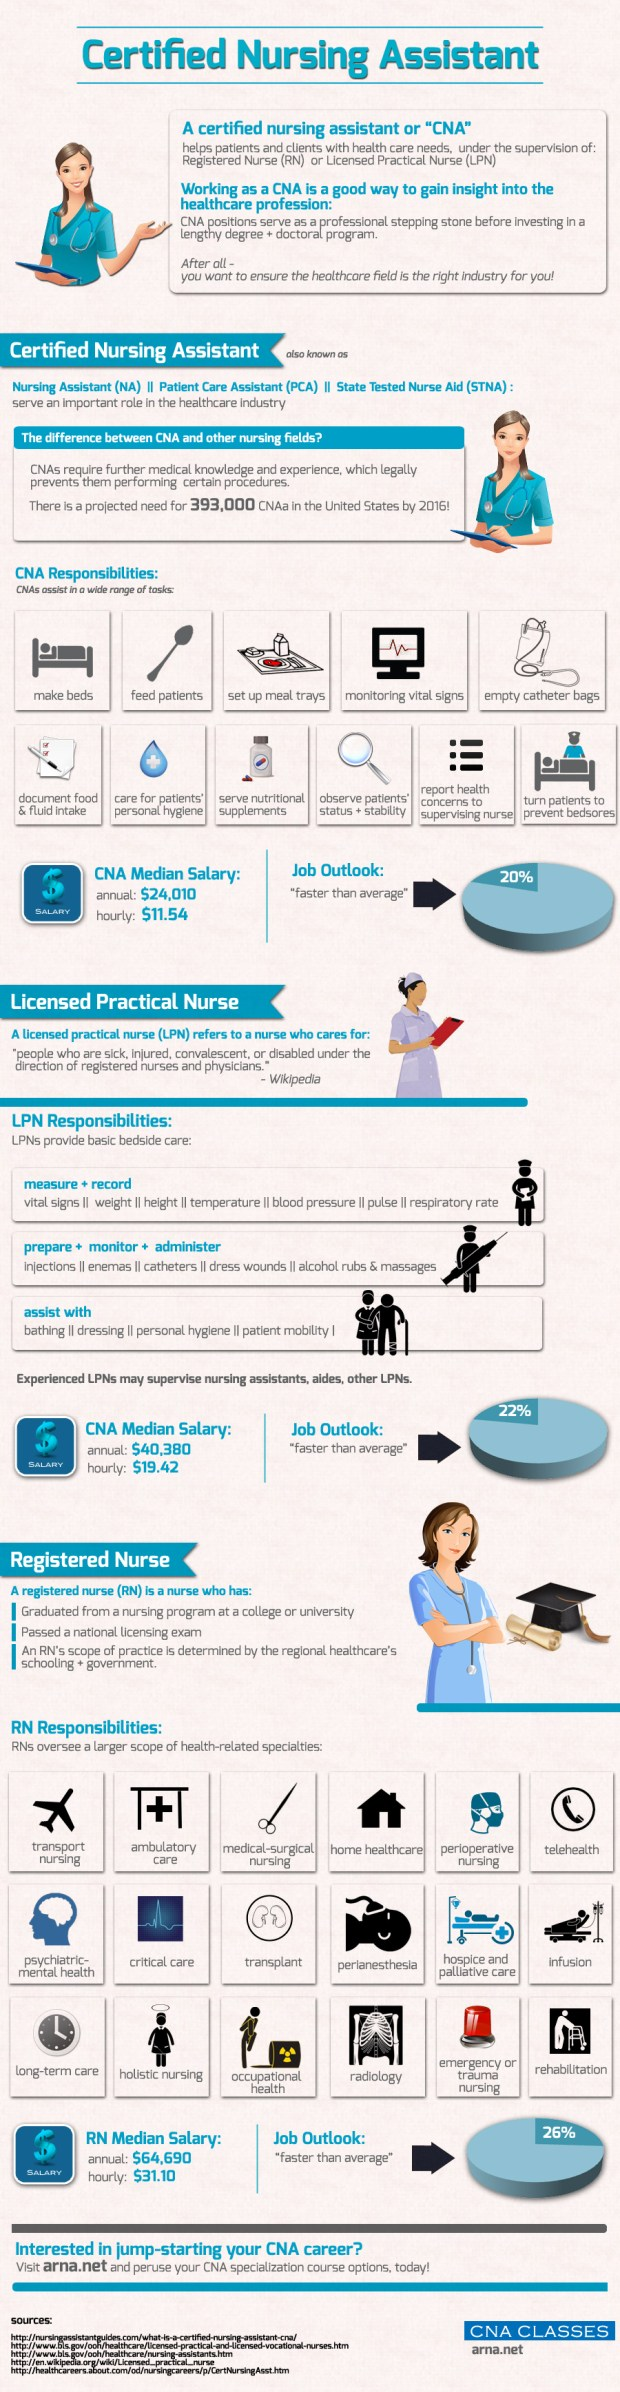 nursing assistant resume responsibilities resume builder nursing assistant resume responsibilities certified nursing assistant resume sample one nursing assistant job description hqdefault certified